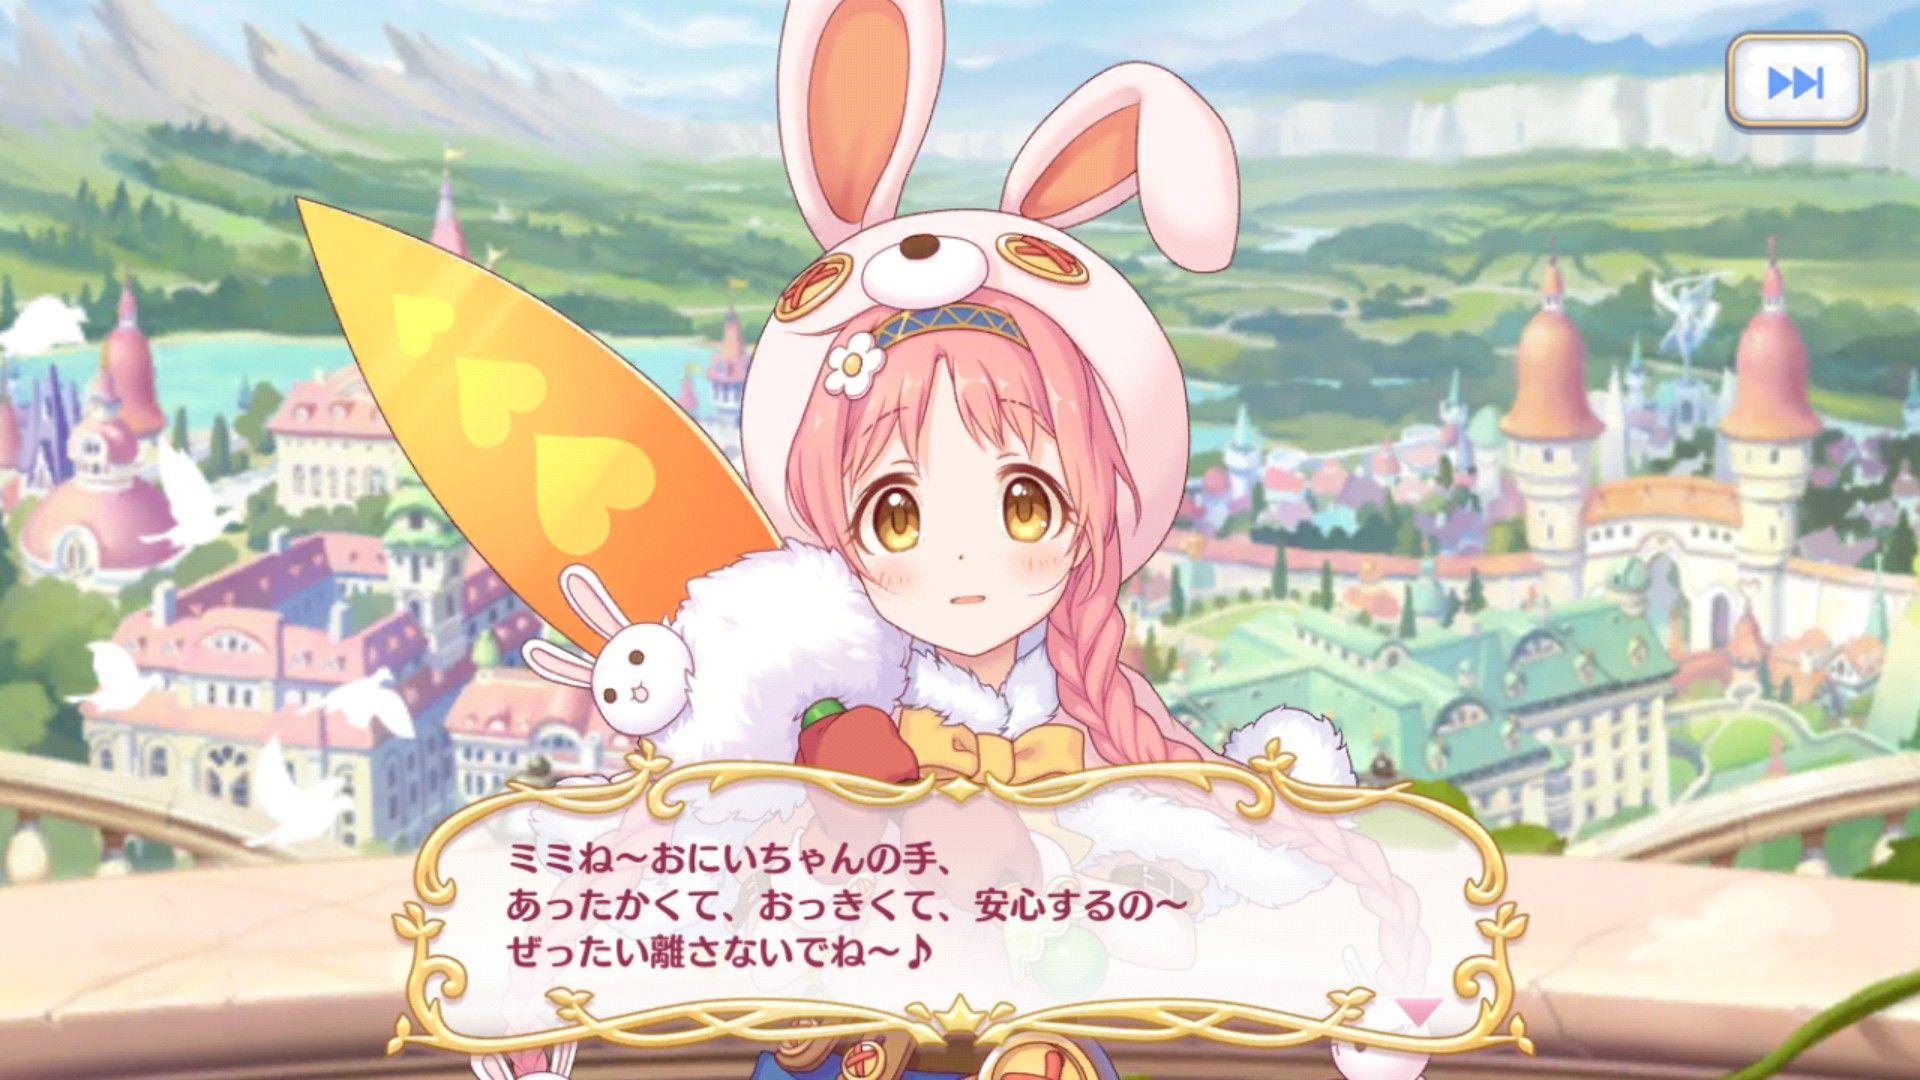 Pin by Kuroko Tetsuya on Princess Connect! Anime, Art